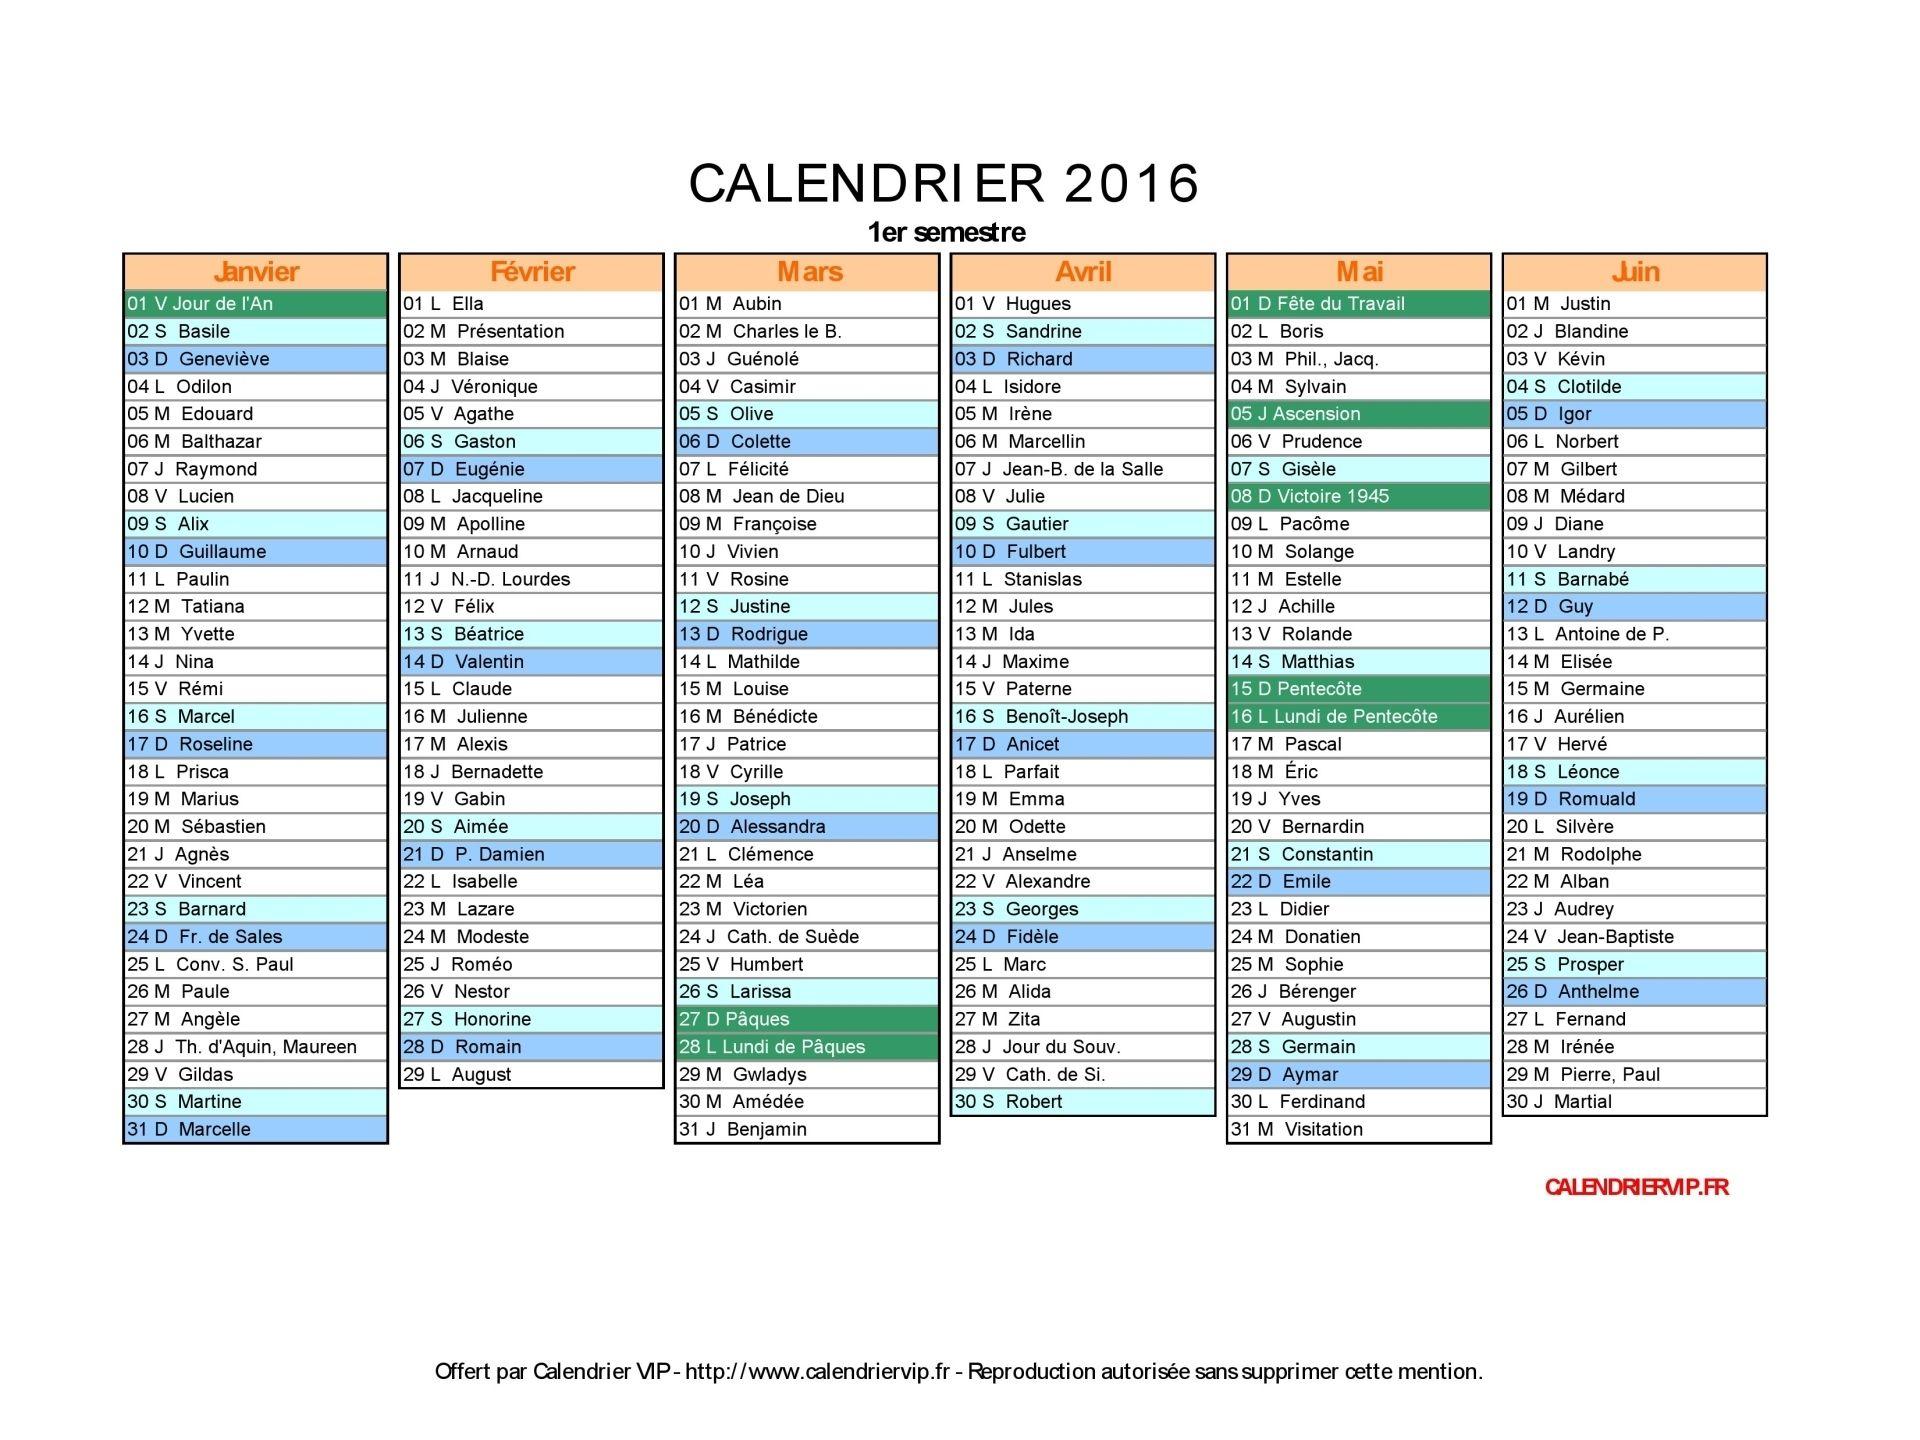 Calendrier 2016 Avec Jours Fériés Vacances Scolaires à Calendrier 2018 Avec Jours Fériés Vacances Scolaires À Imprimer